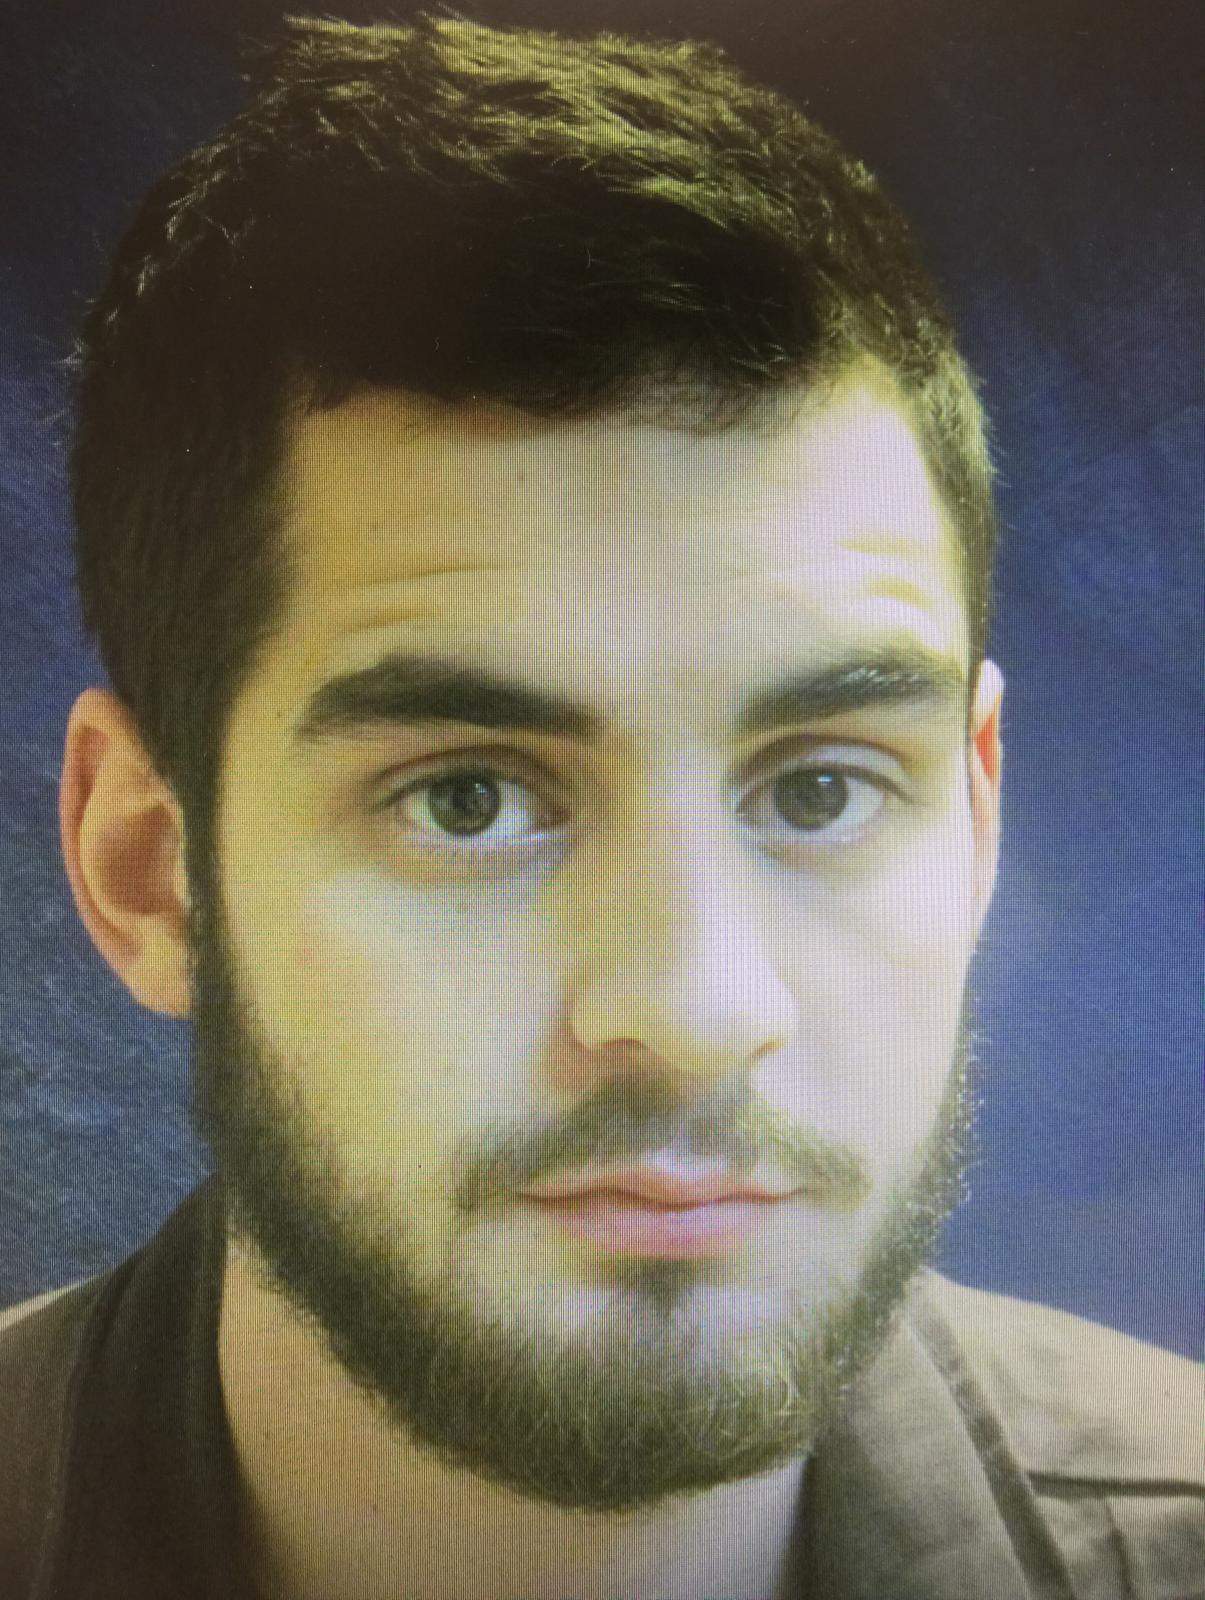 اعتقال موظف بالقنصلية الفرنسية بزعم نقل أسلحة للفلسطينيين